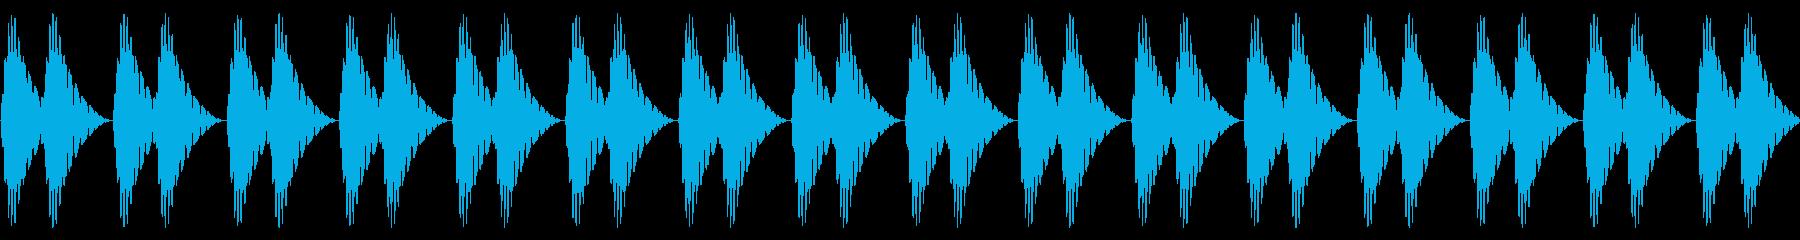 ドクドク!(心音/脈拍200/頻脈)の再生済みの波形